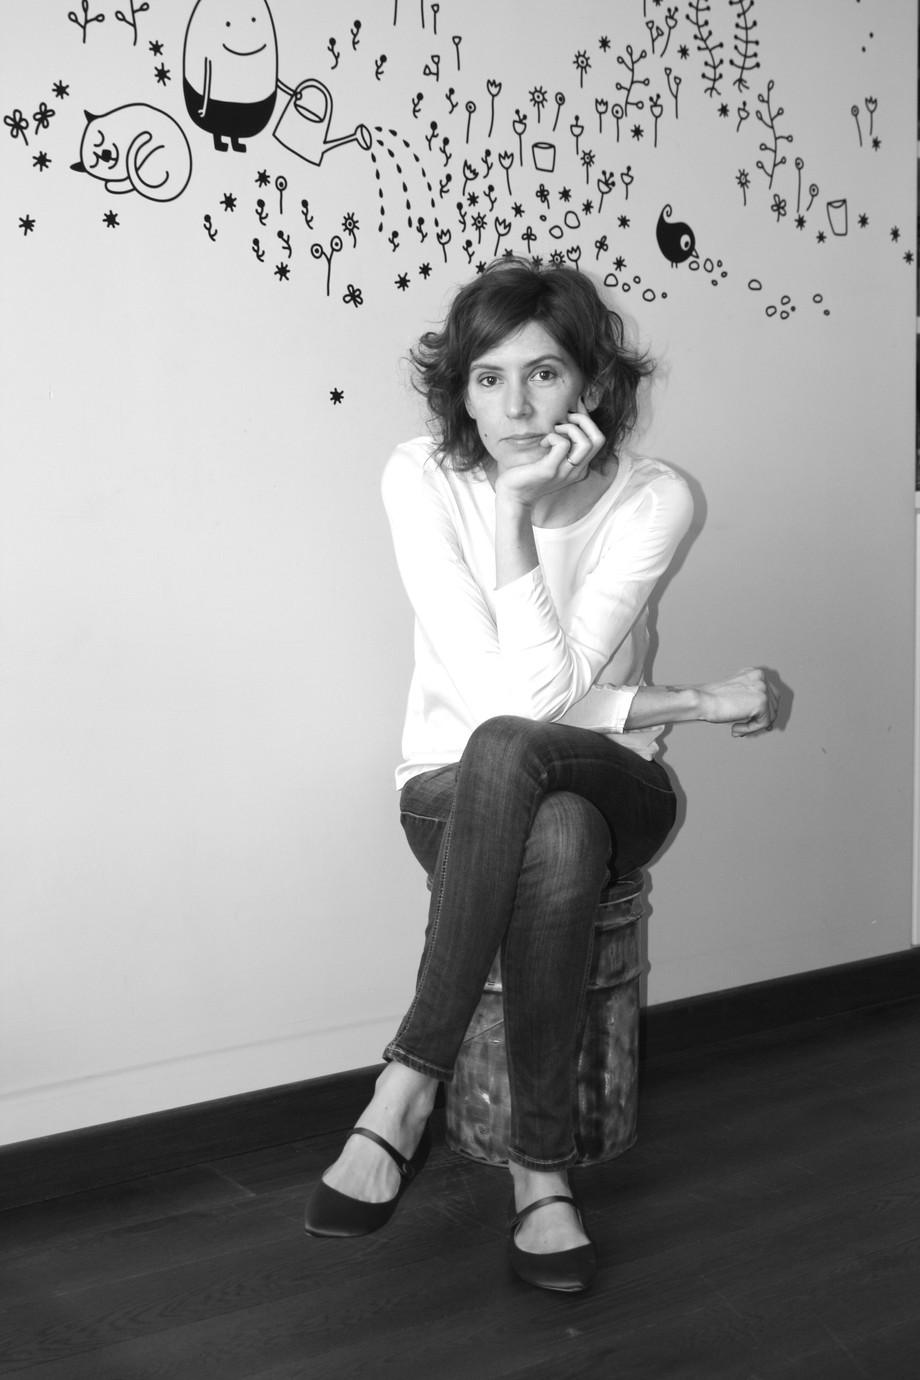 A spasso nel made in Italy: le ballerine Mia Moltrasio raccontate dalla loro creatrice / Waling with